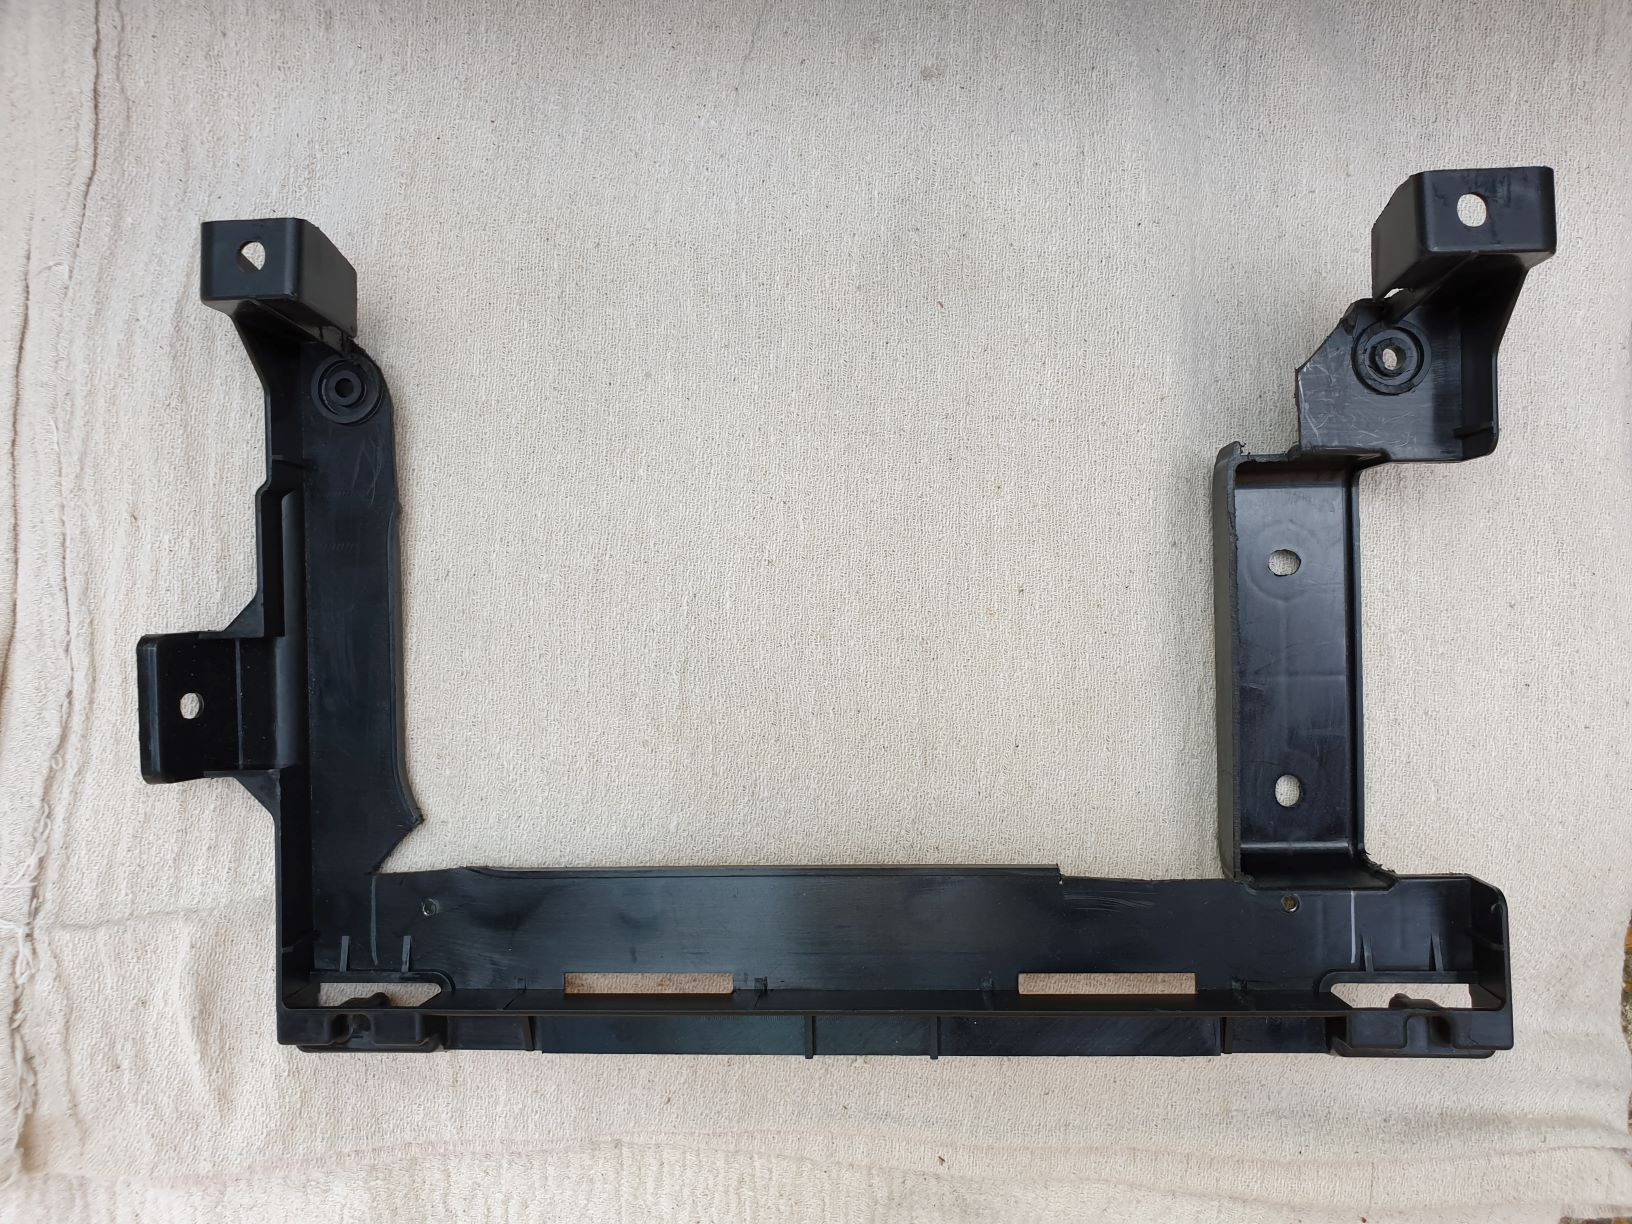 main amp mounting bracket.jpg